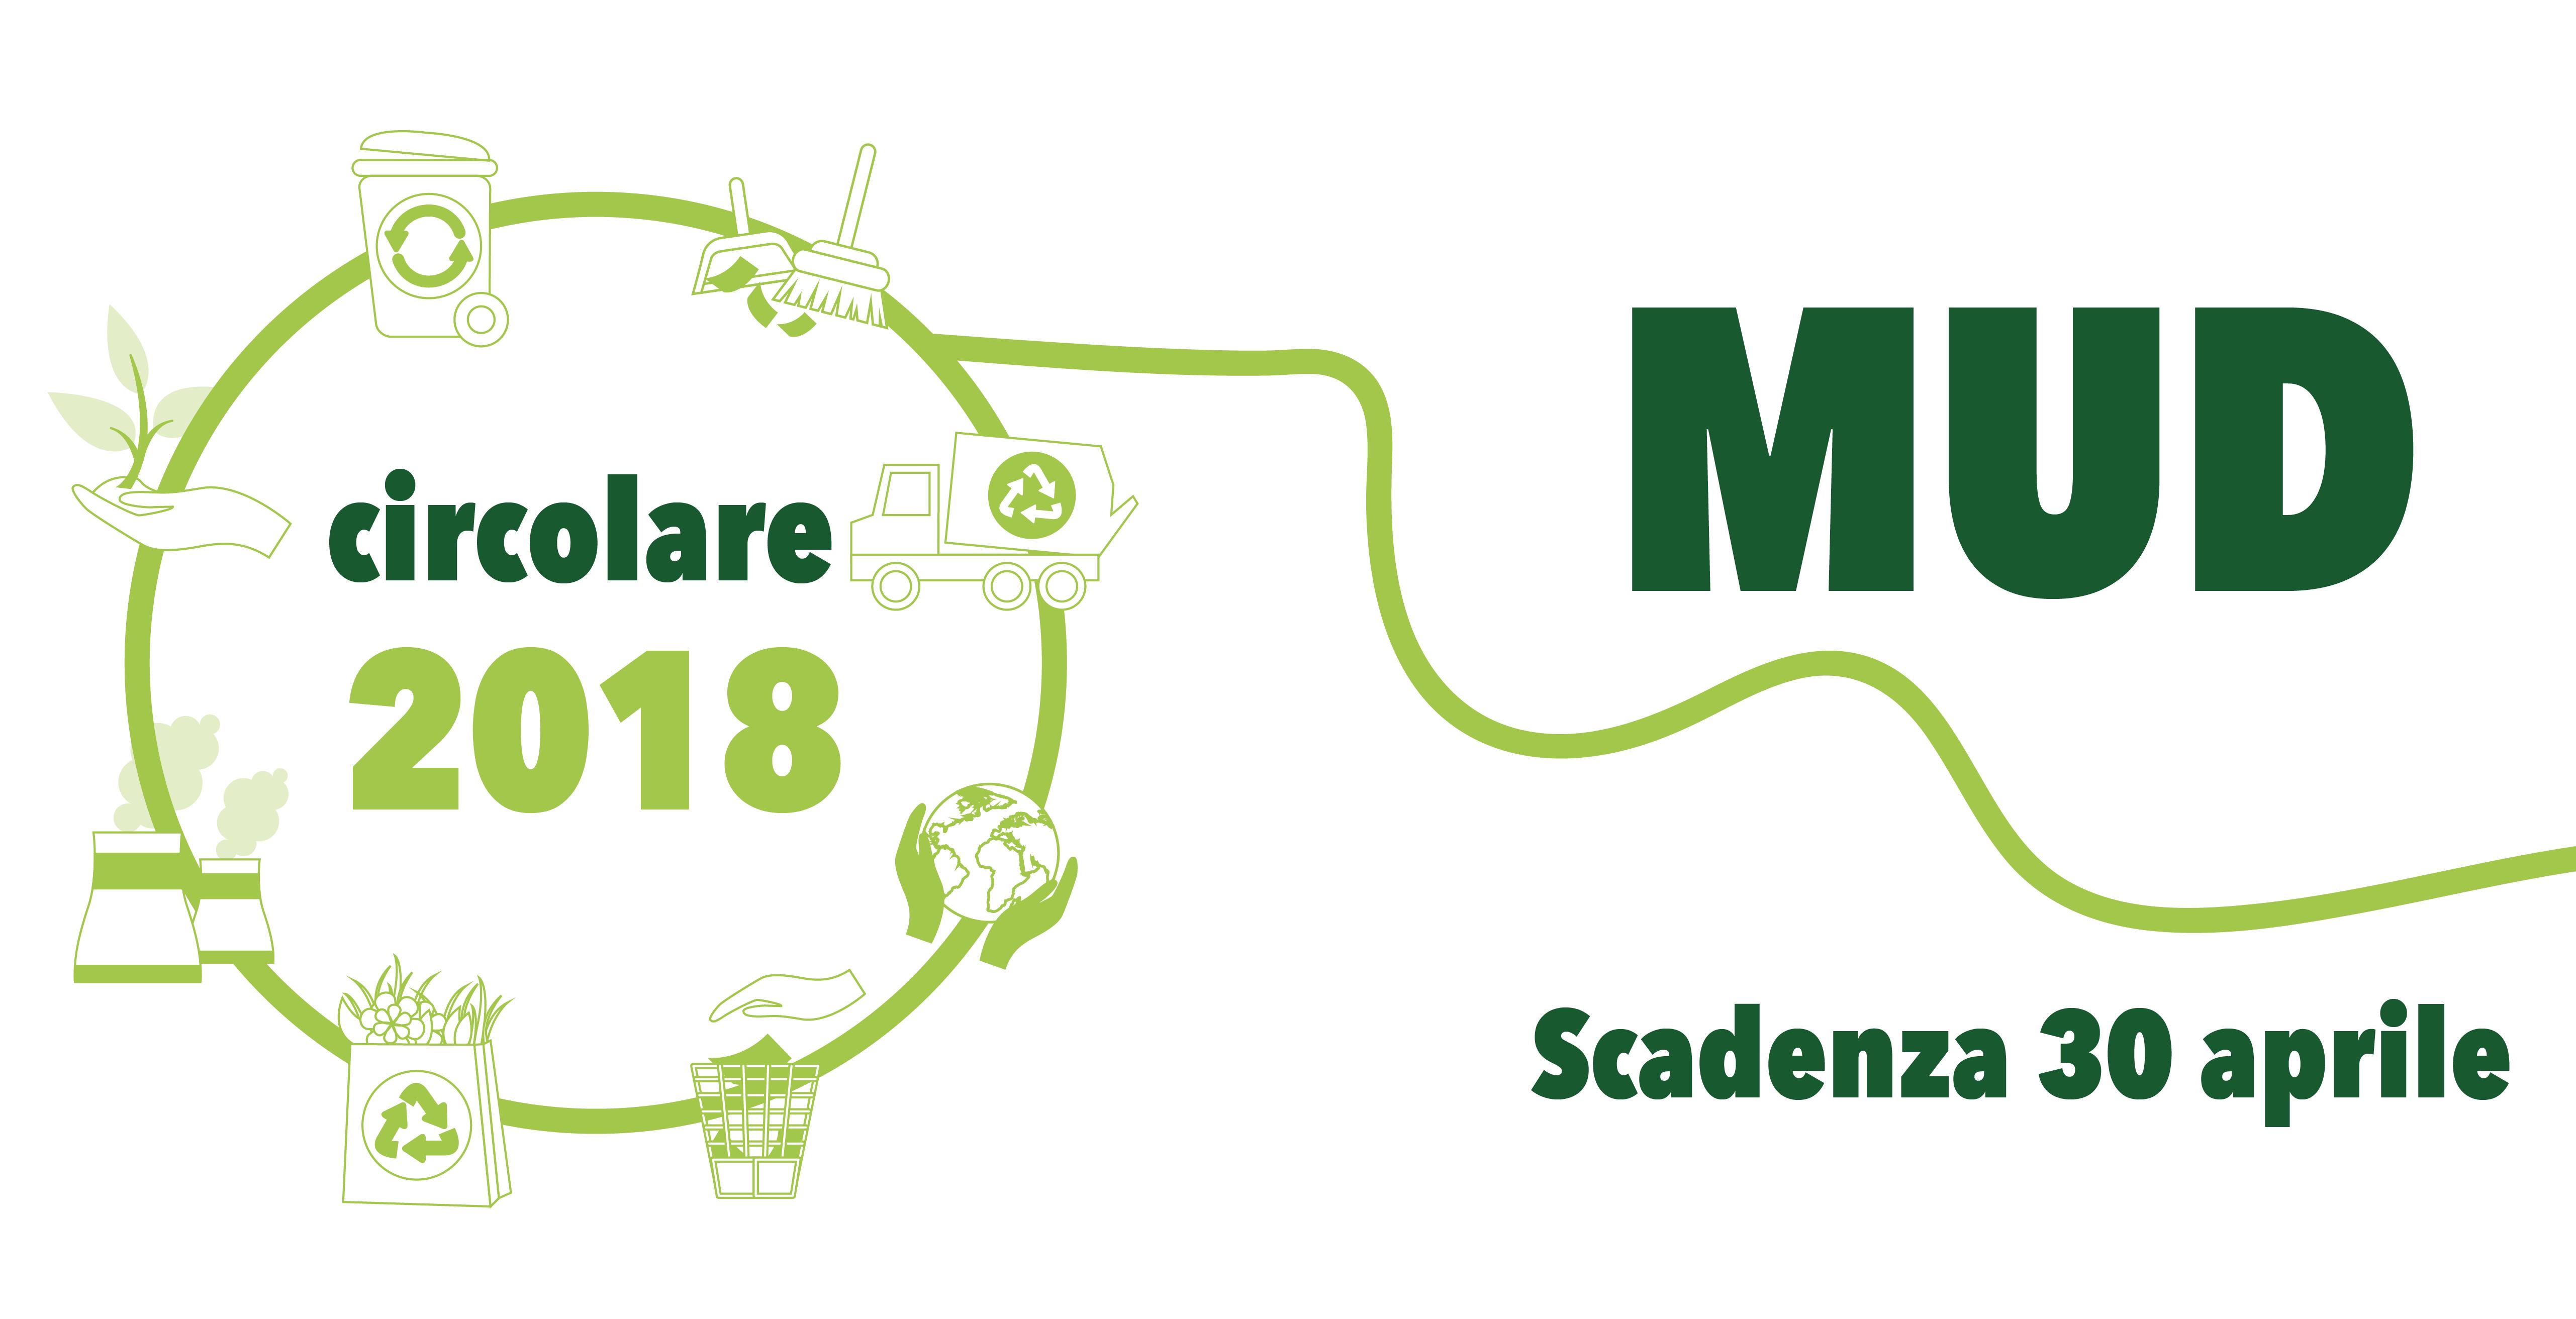 Gestione rifiuti mud 2018 scadenza 30 aprile brescia for Unico 2017 scadenza